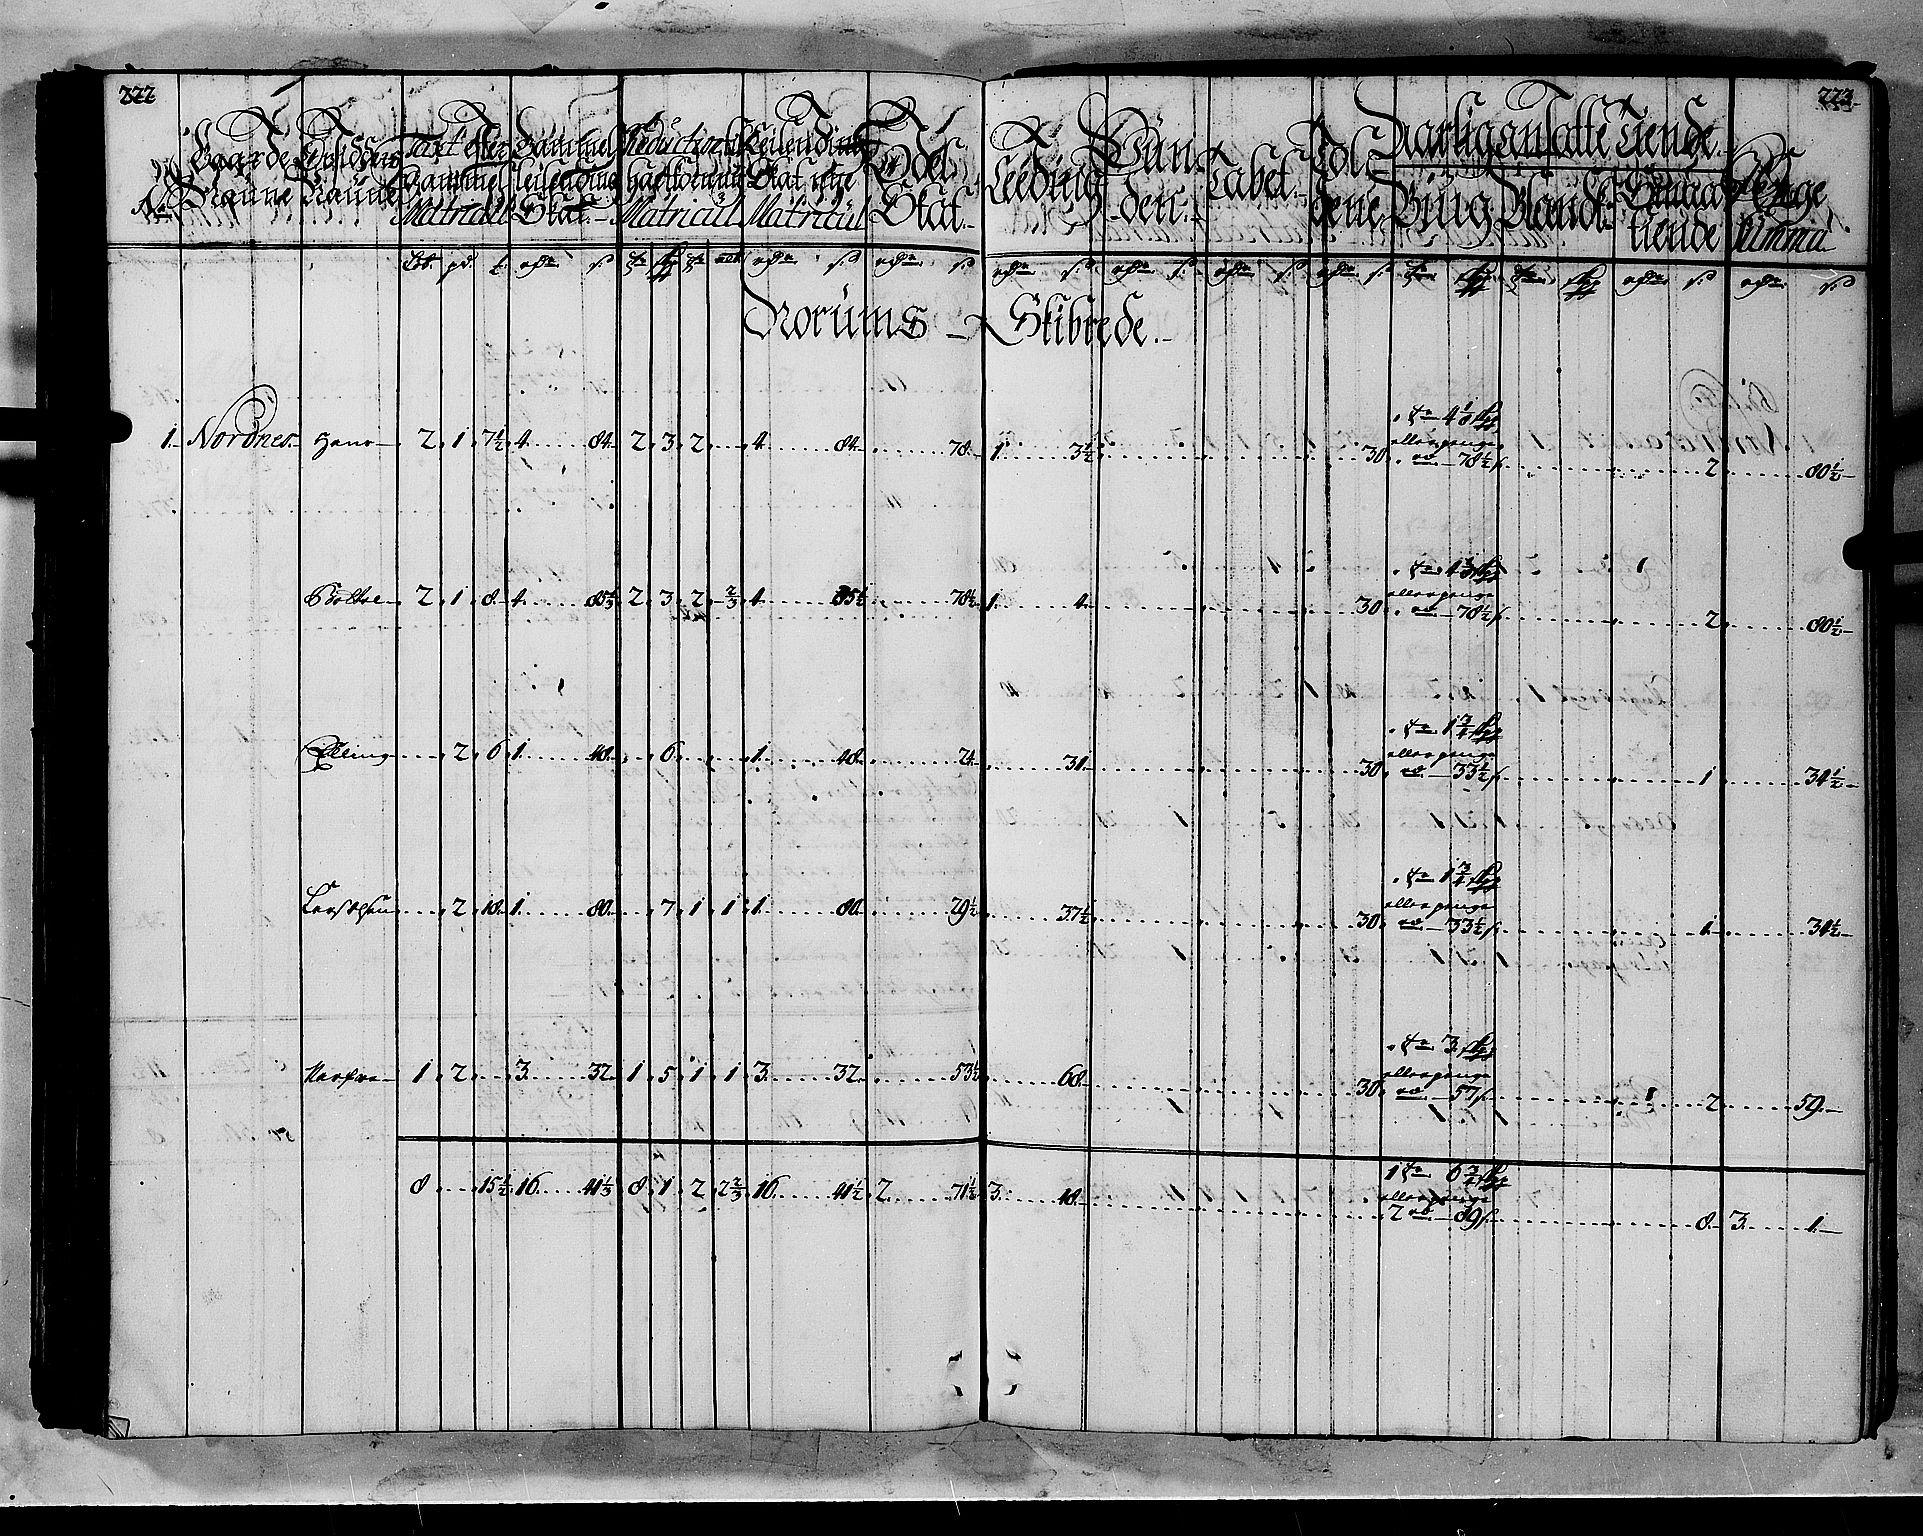 RA, Rentekammeret inntil 1814, Realistisk ordnet avdeling, N/Nb/Nbf/L0144: Indre Sogn matrikkelprotokoll, 1723, s. 222-223